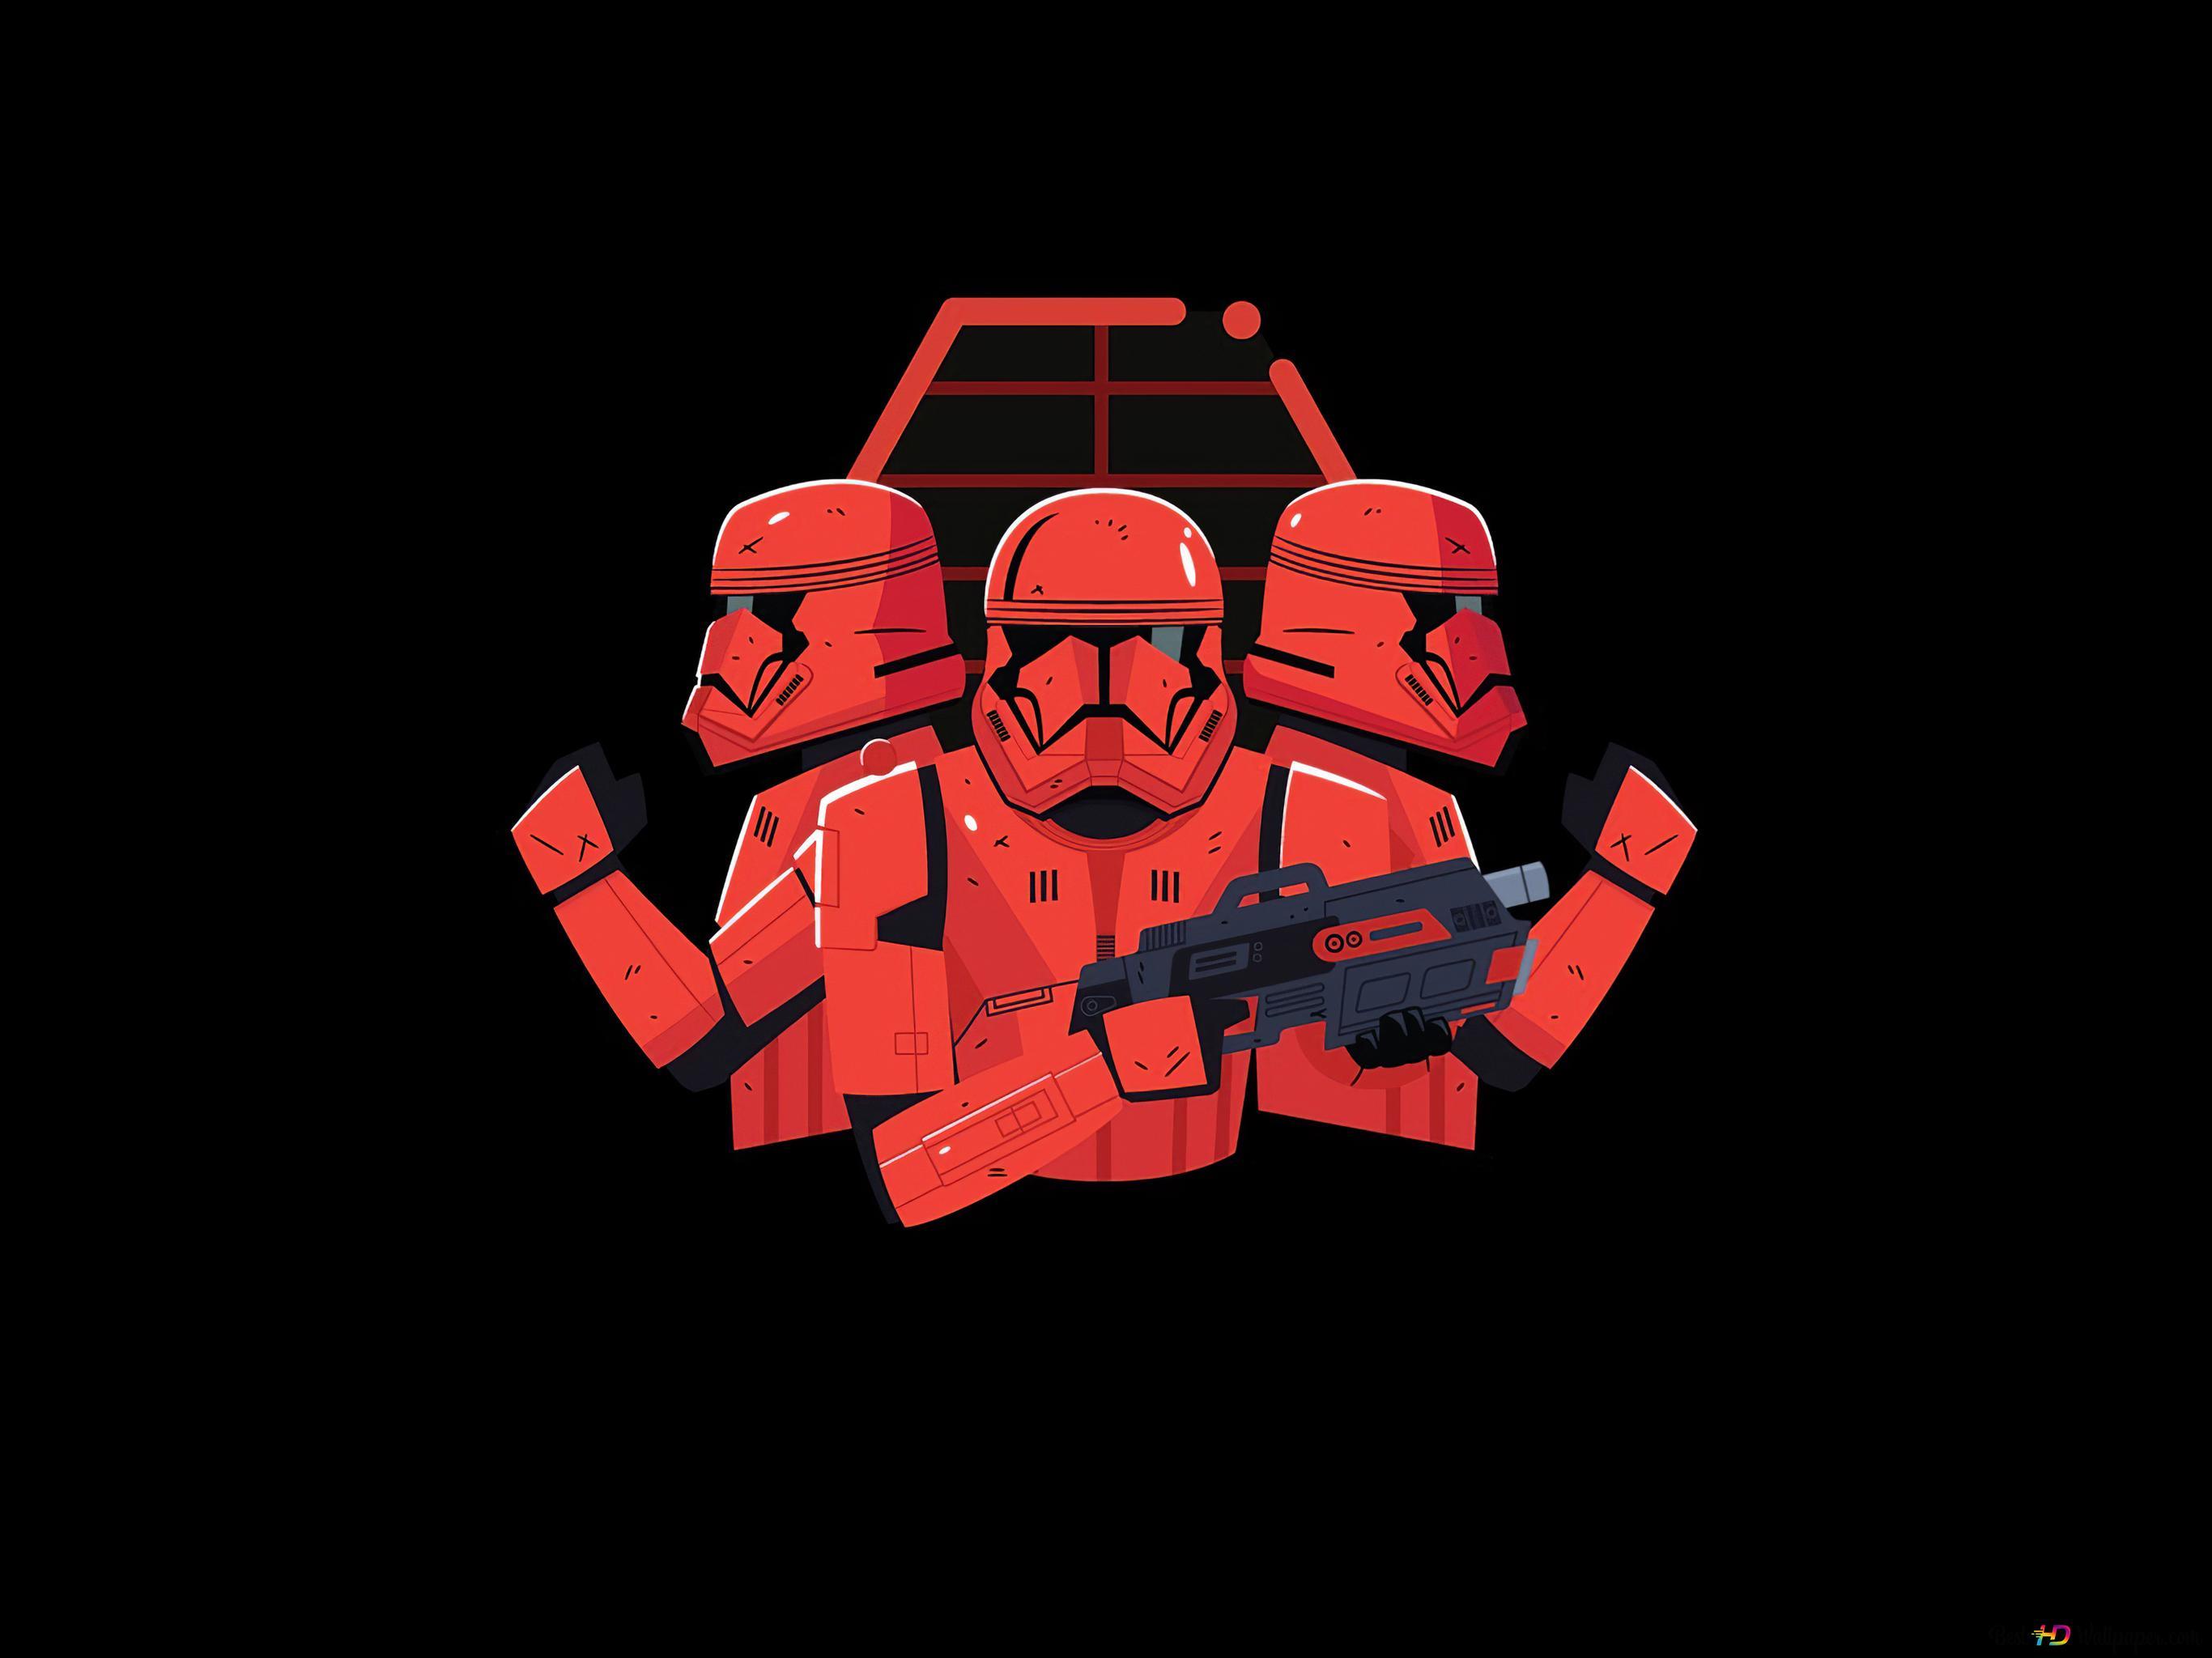 sith trooper star wars wallpaper 2732x2048 42013 172